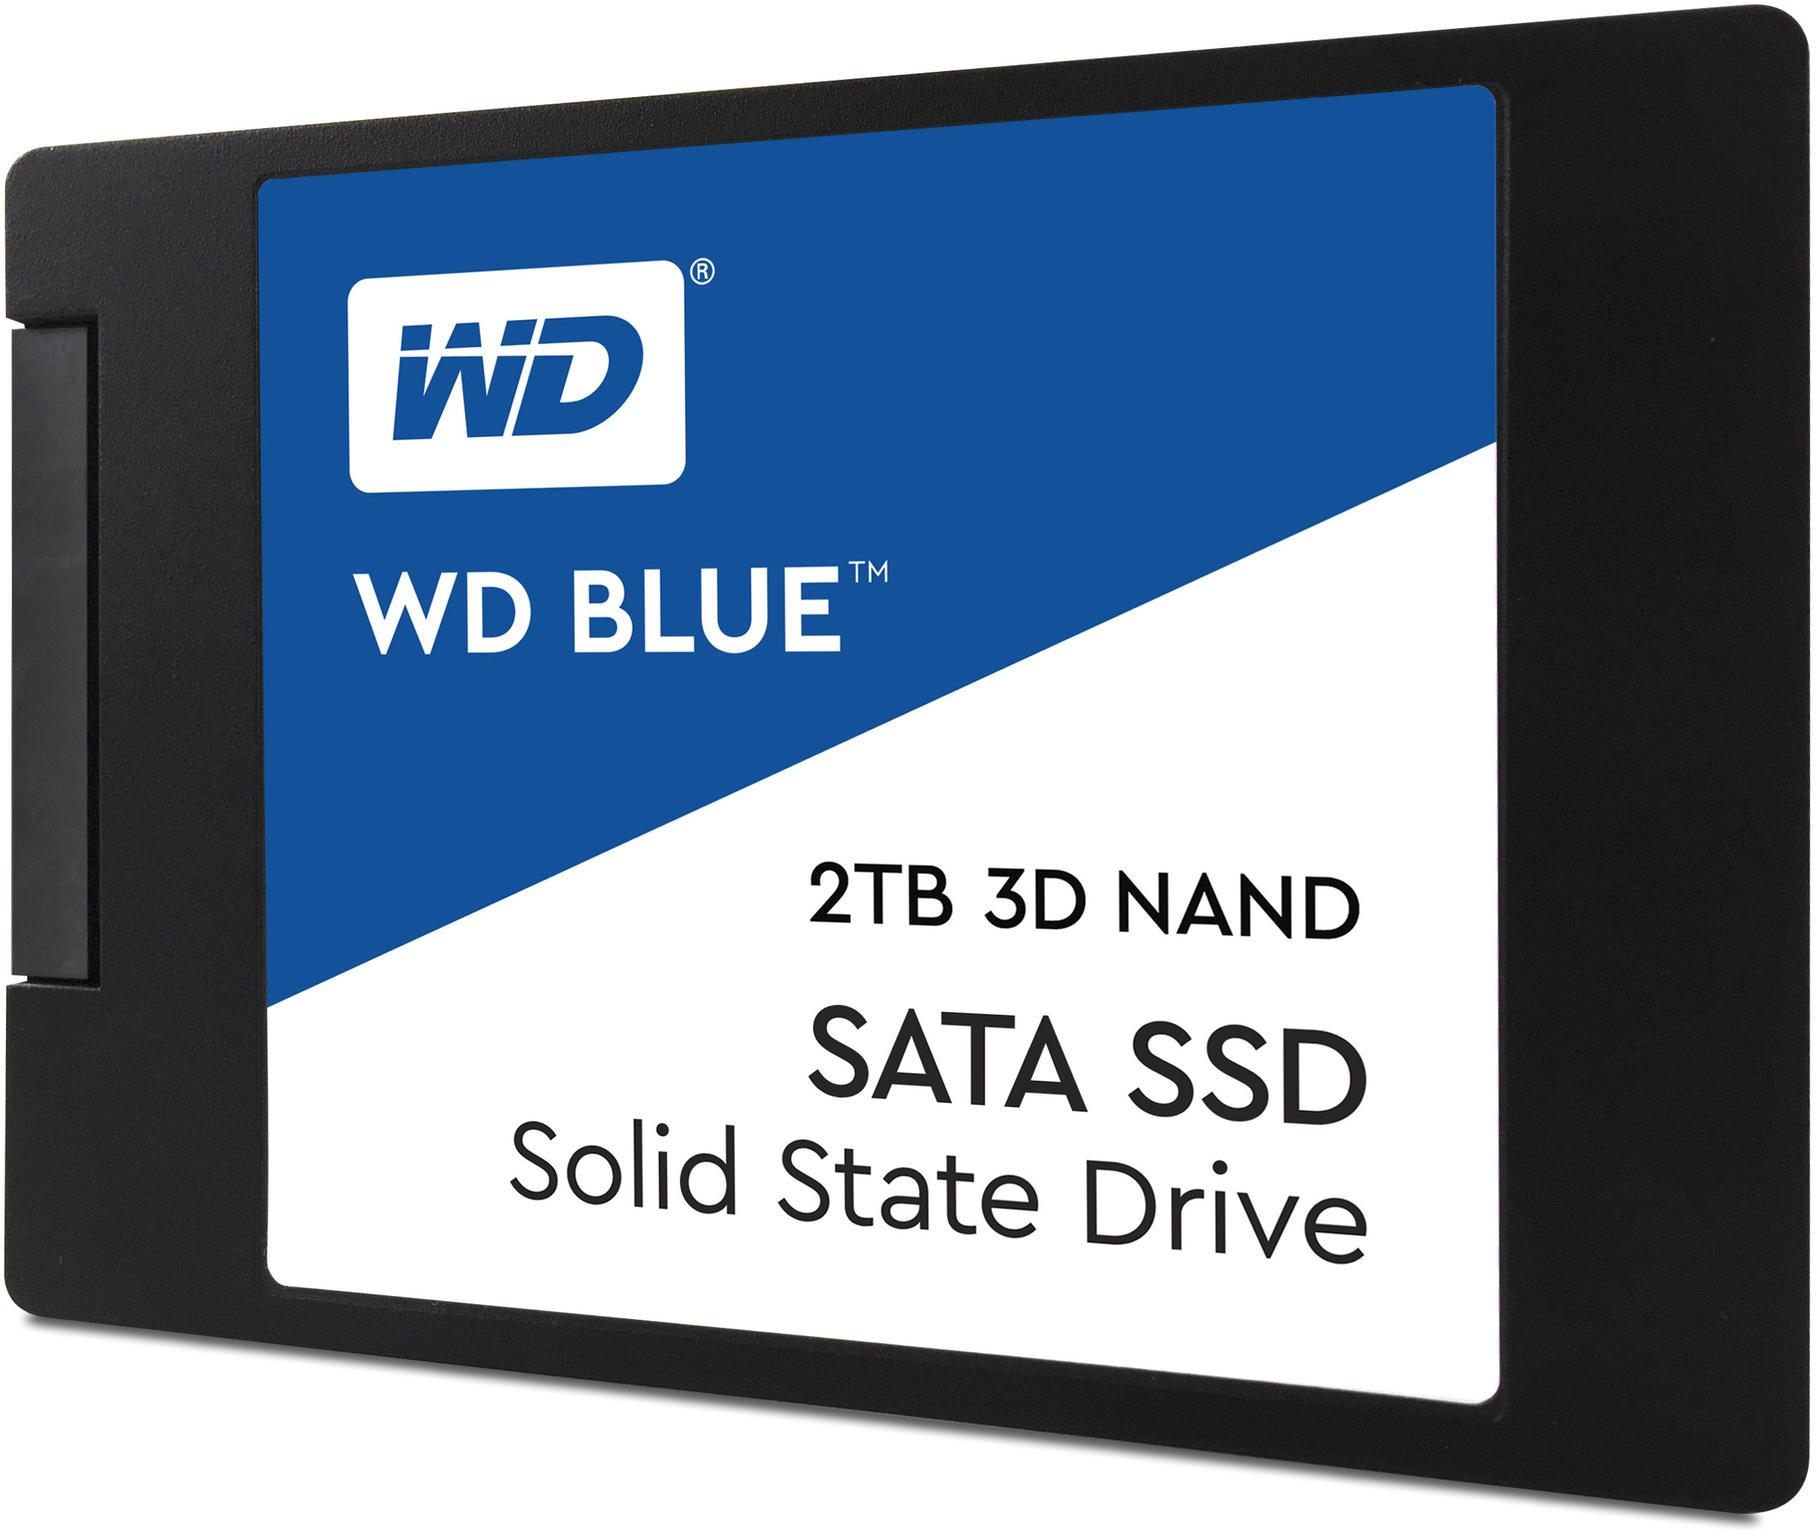 WD Blue 3D Nand 2TB